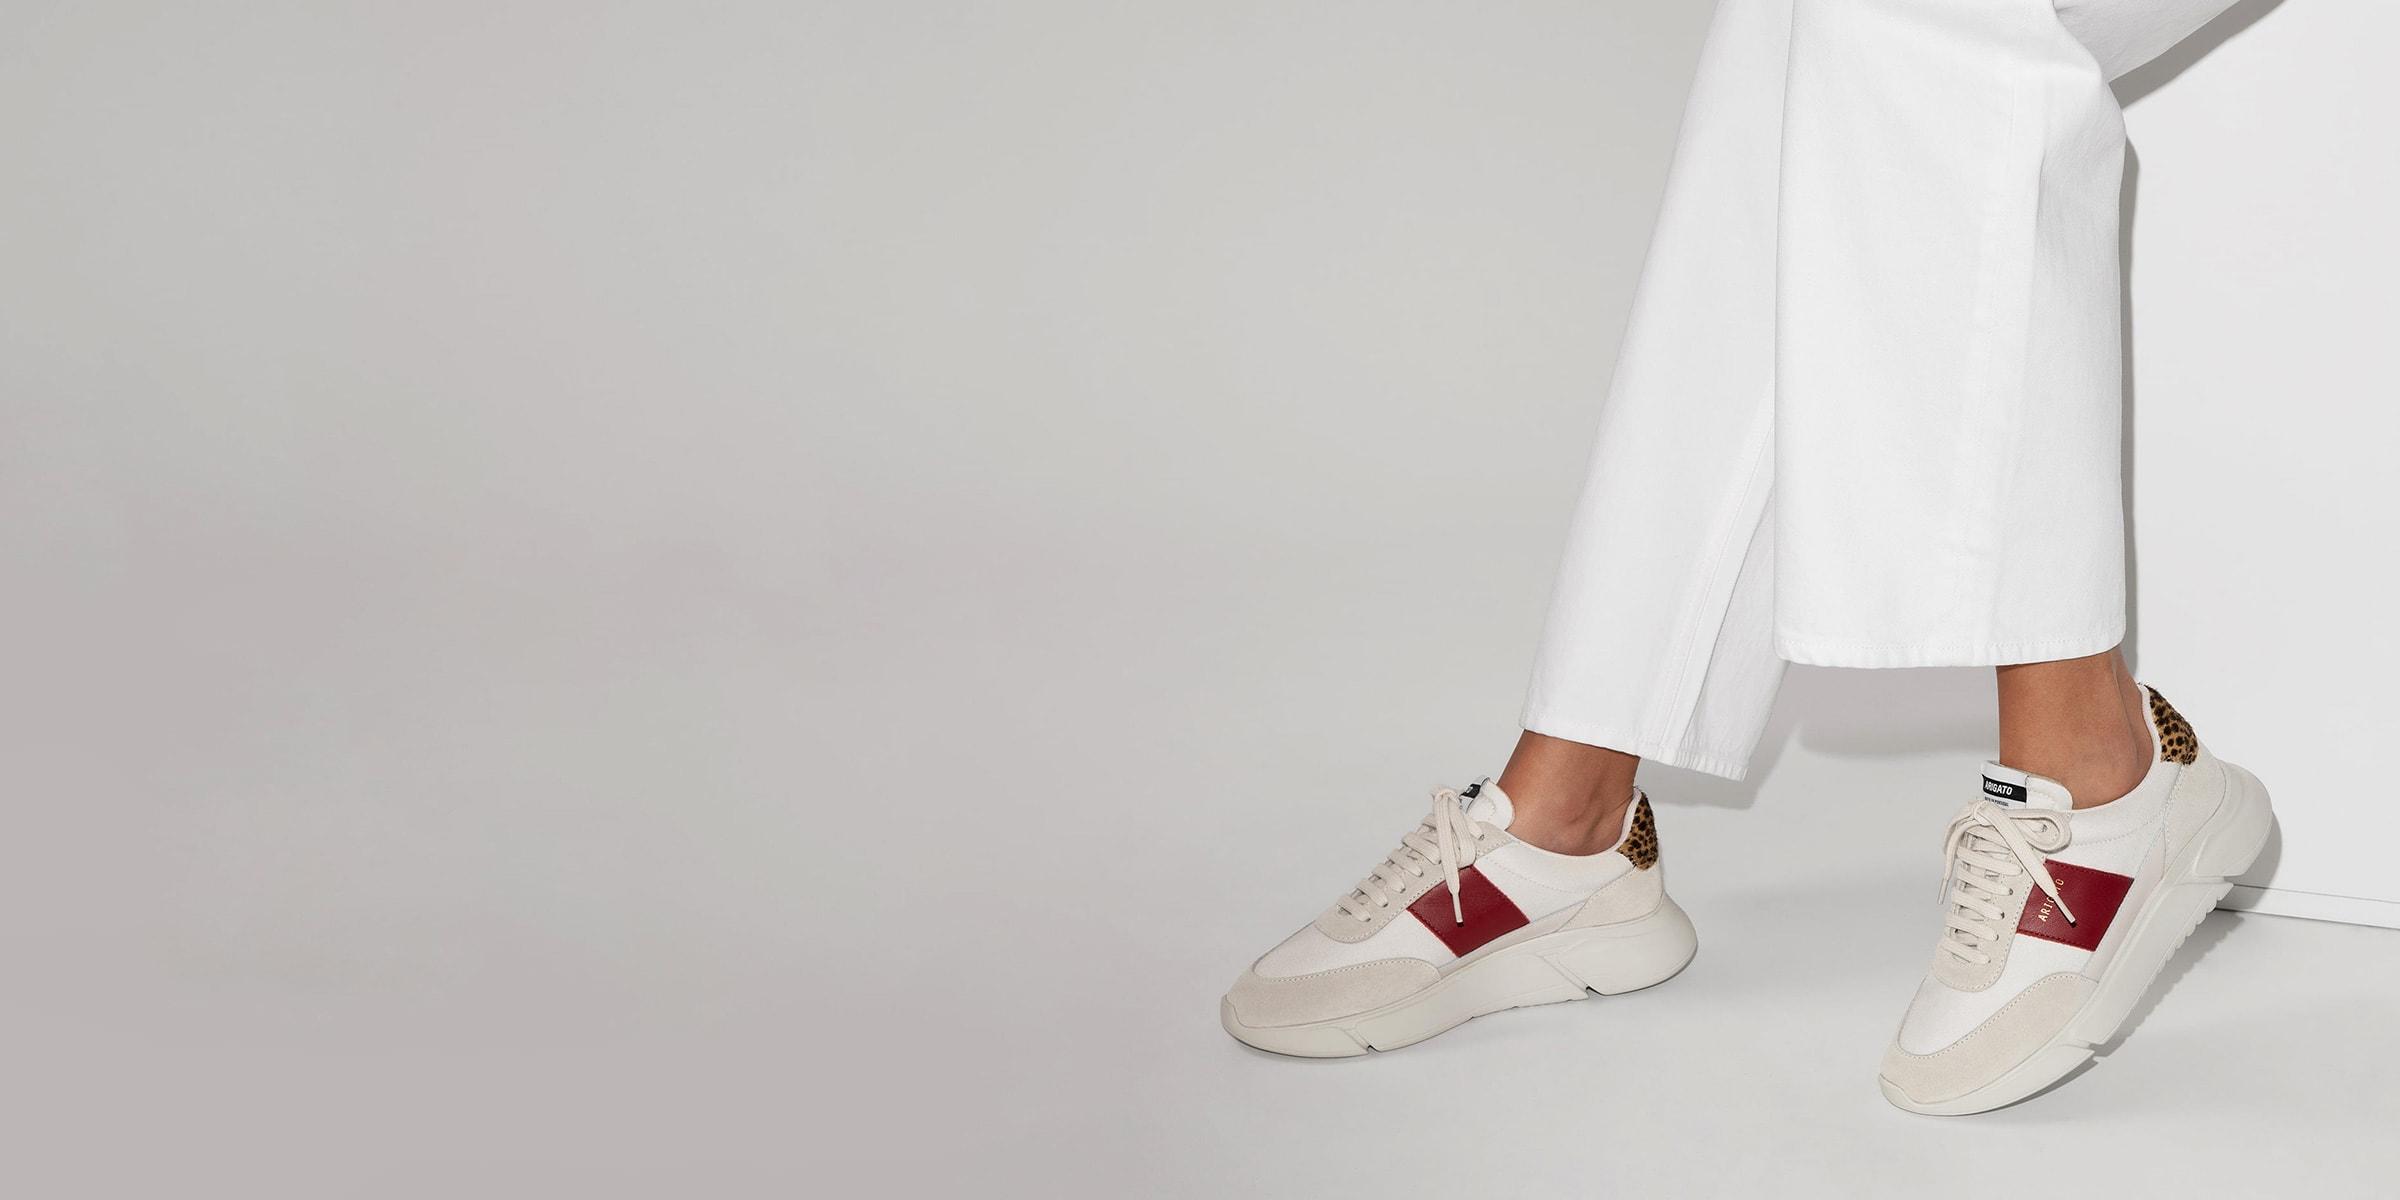 best women sneakers - Luxe Digital